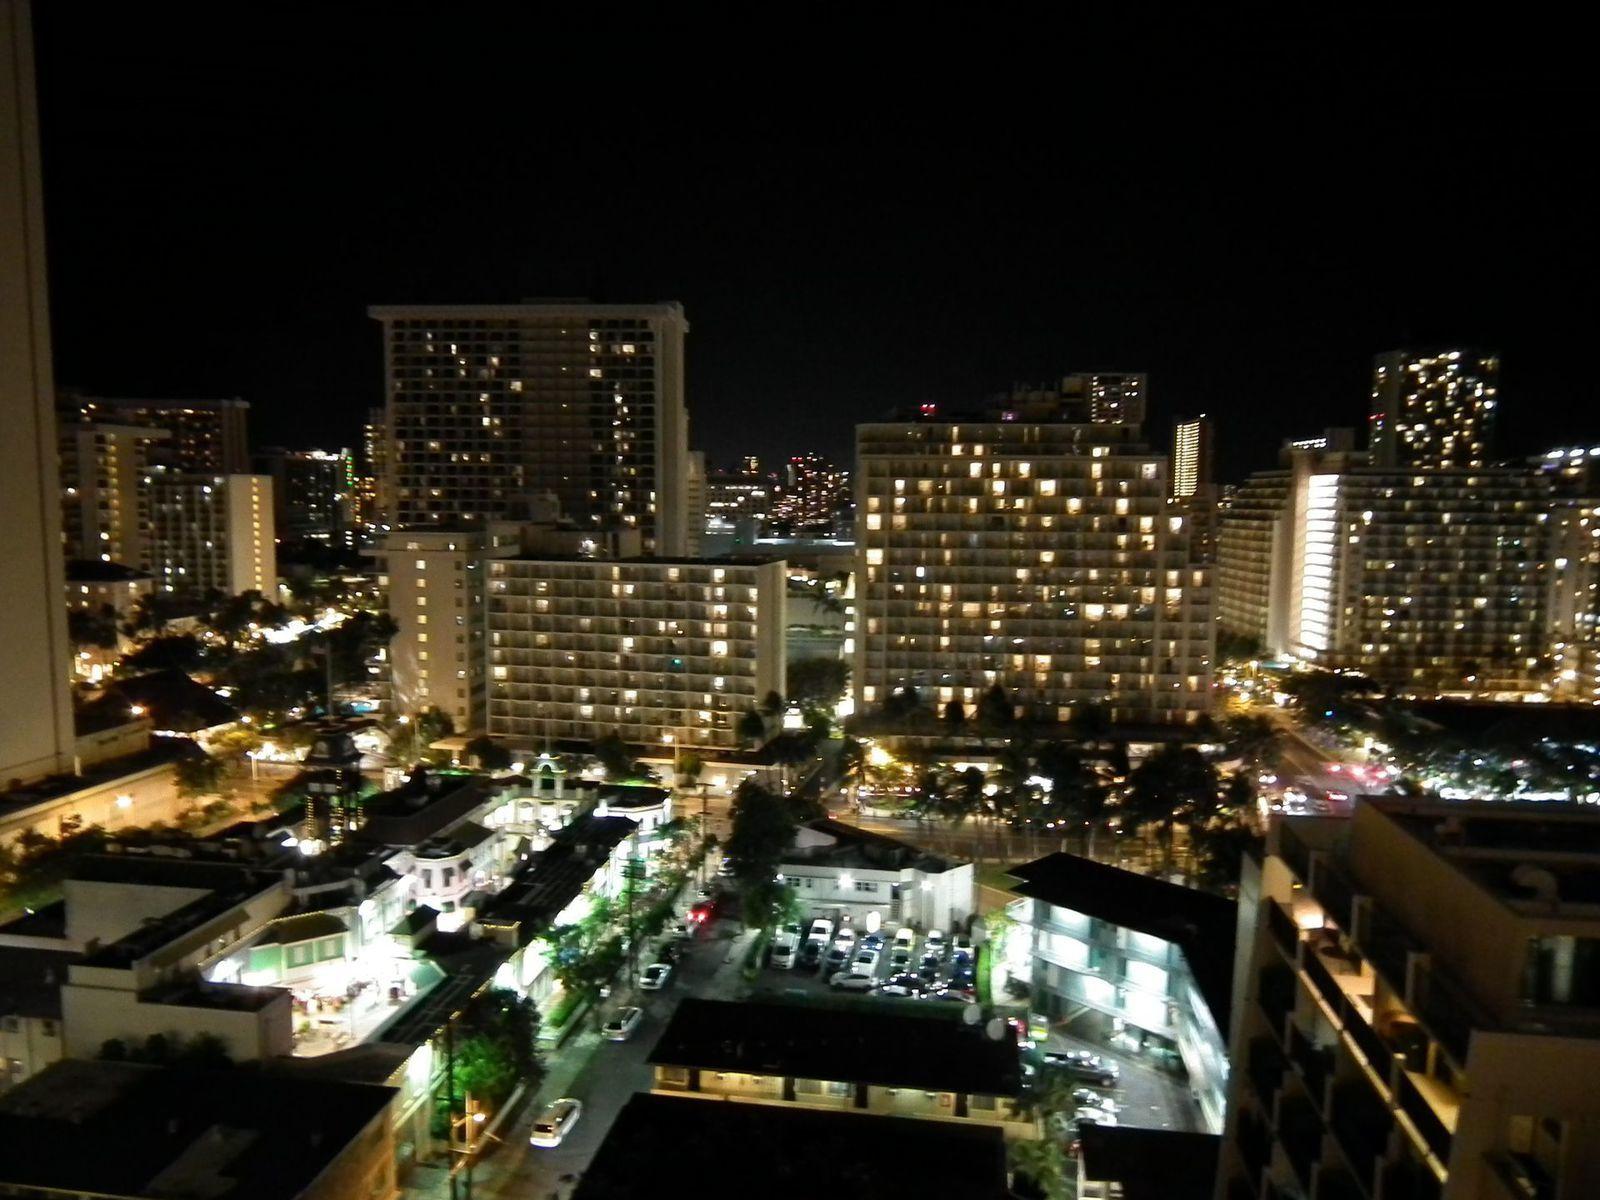 Aloha from Honolulu